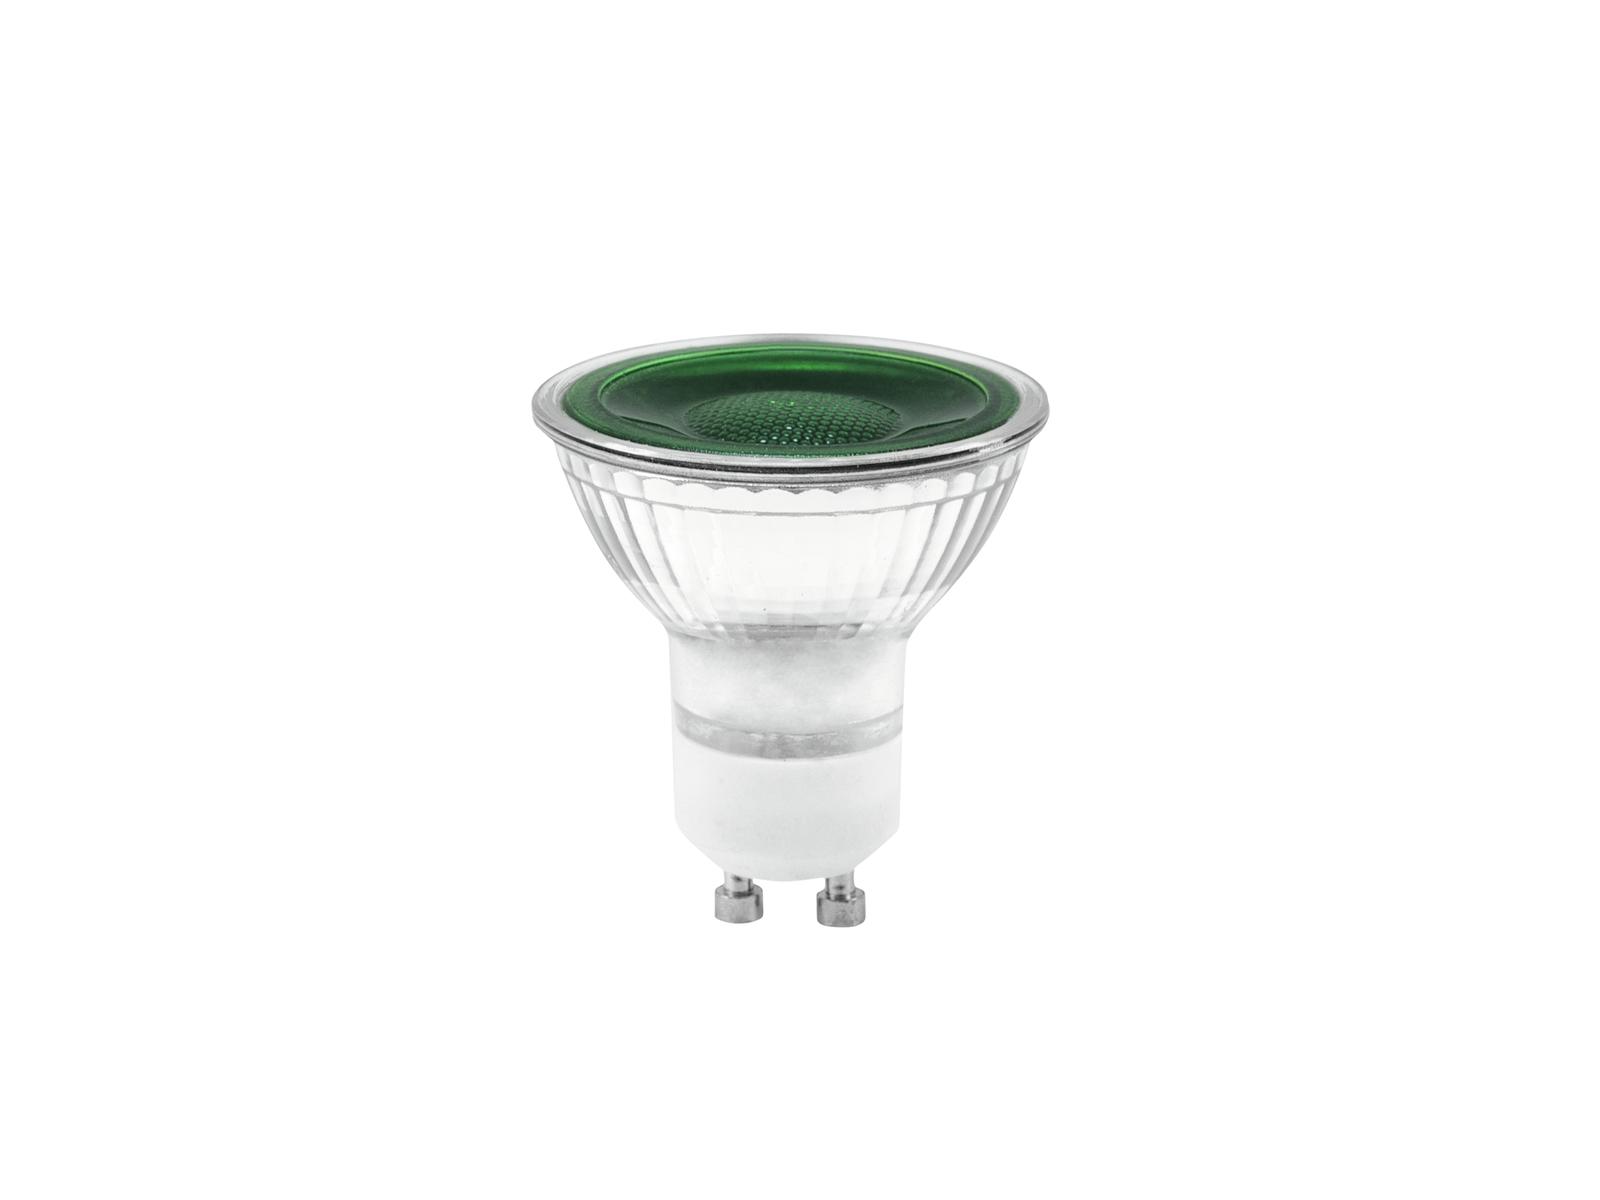 OMNILUX GU-10 230V LED SMD 7W verde